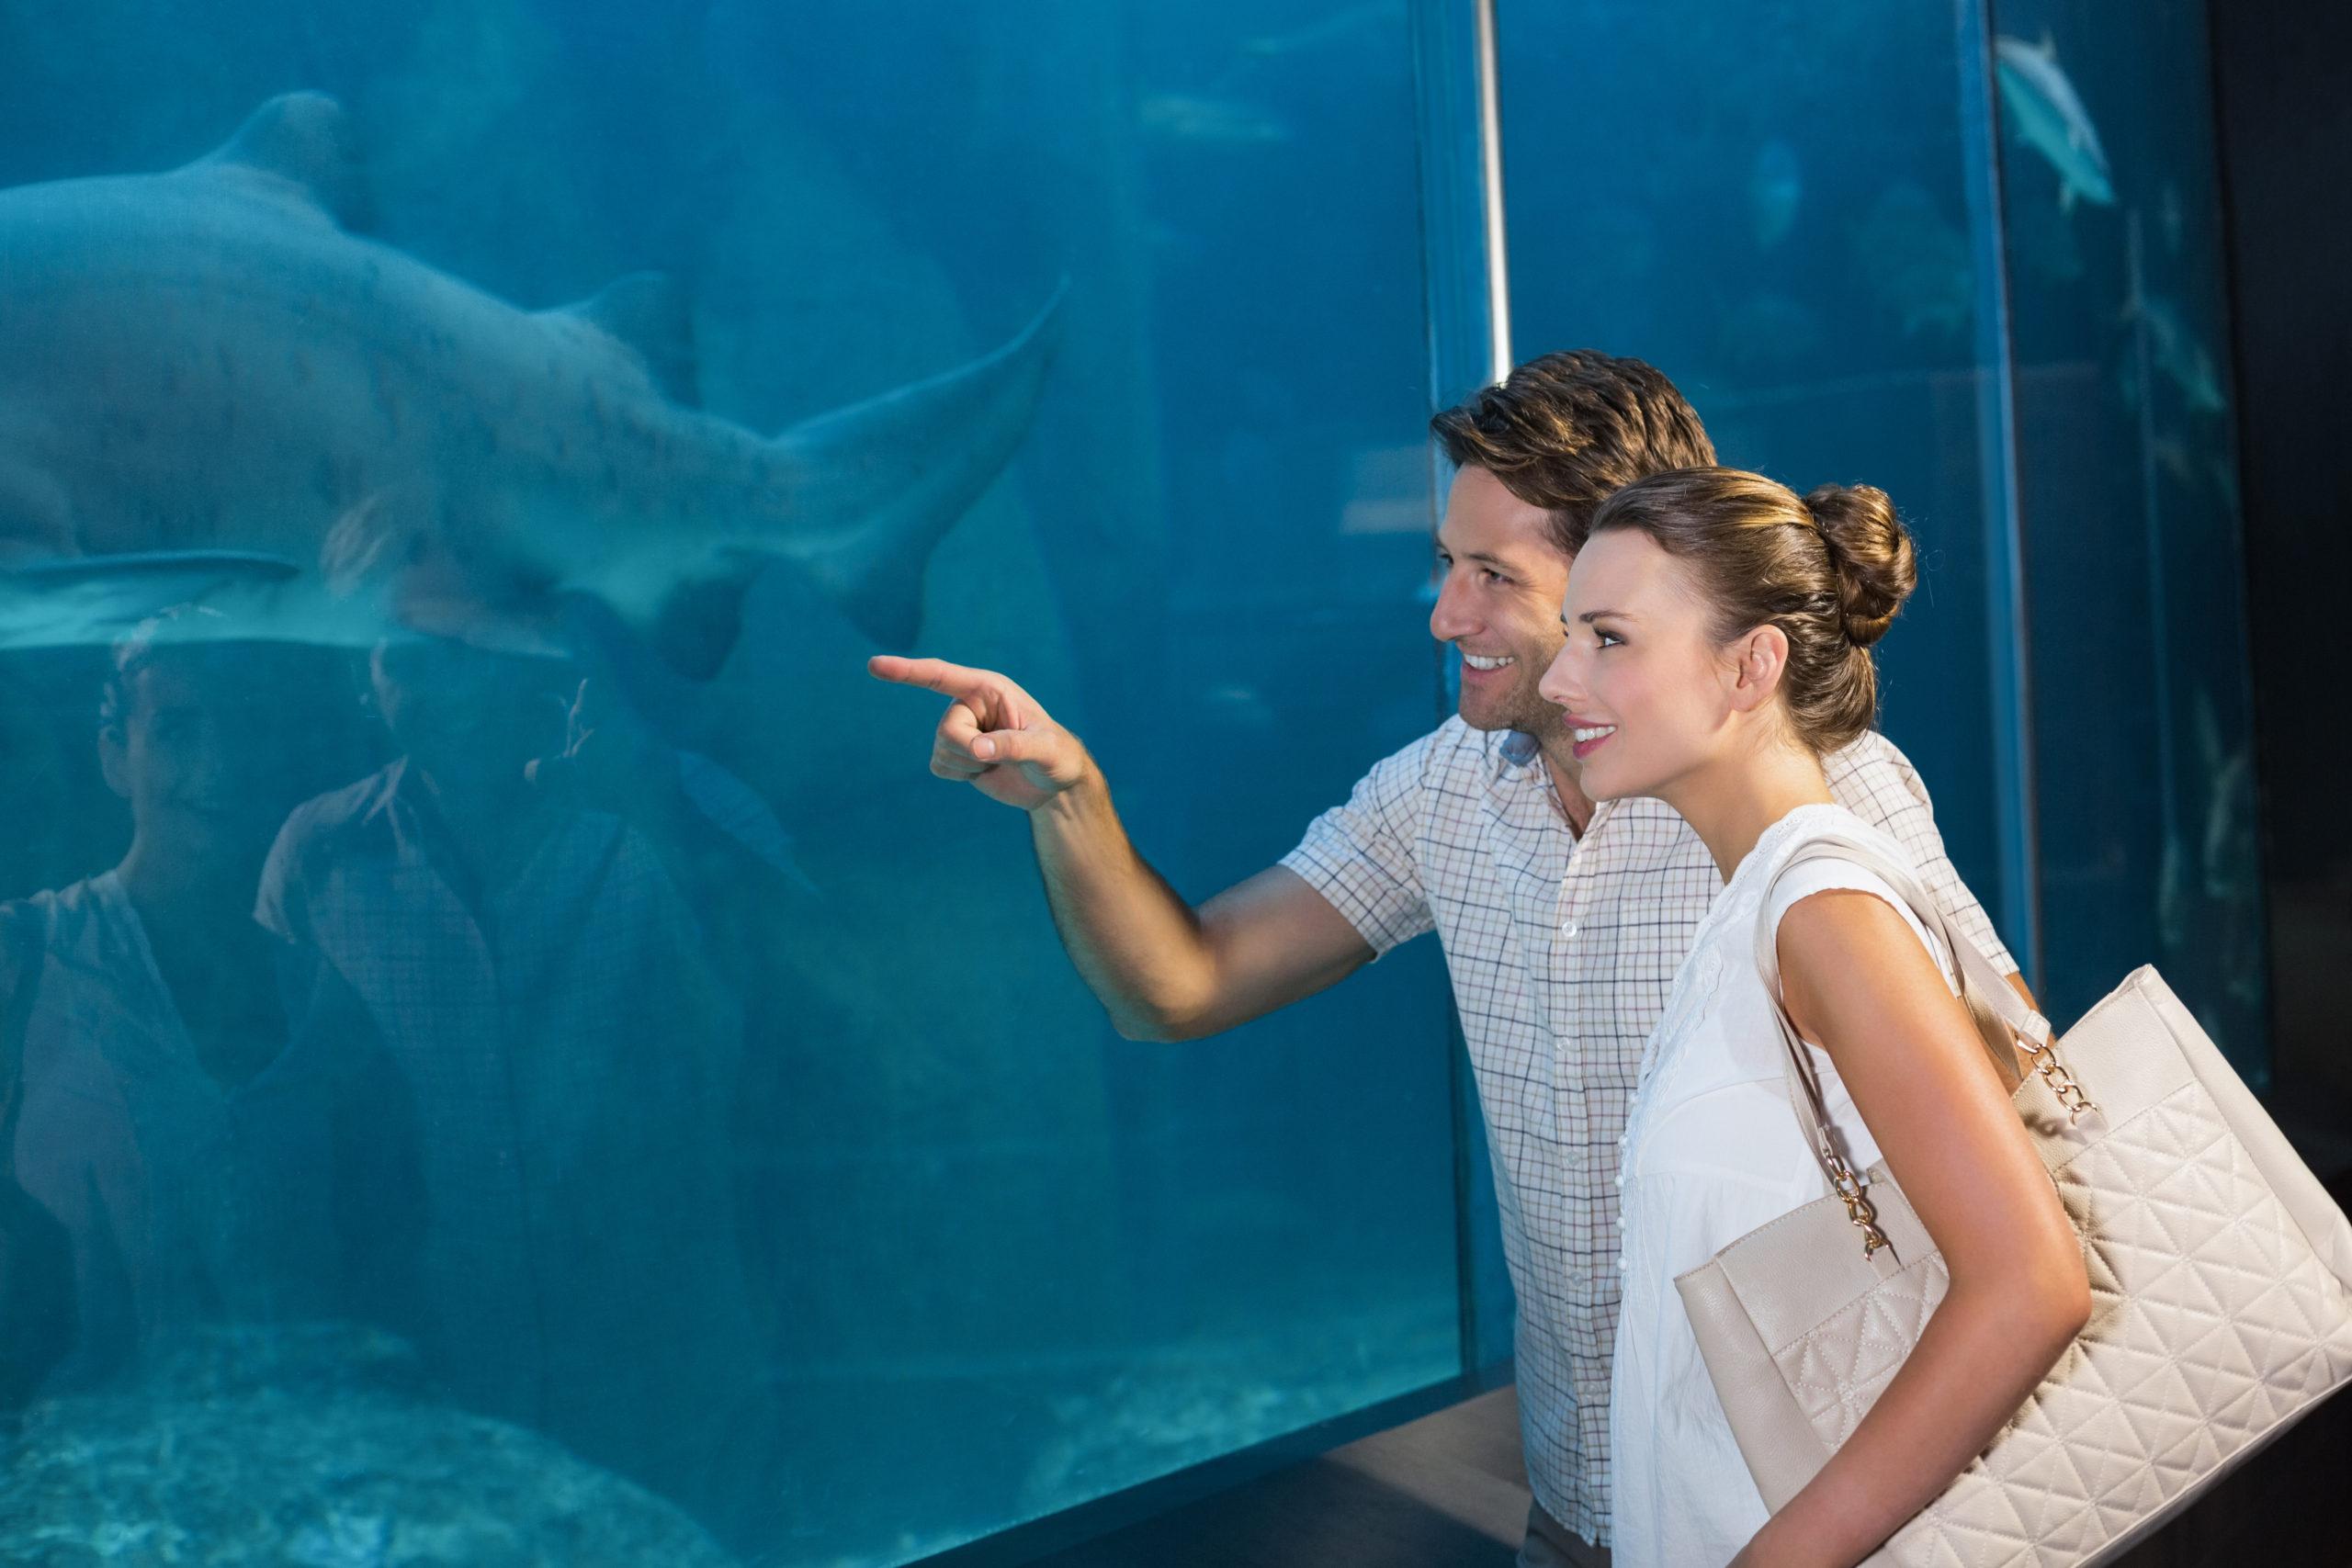 Happy,Couple,Looking,At,Fish,Tank,At,The,Aquarium